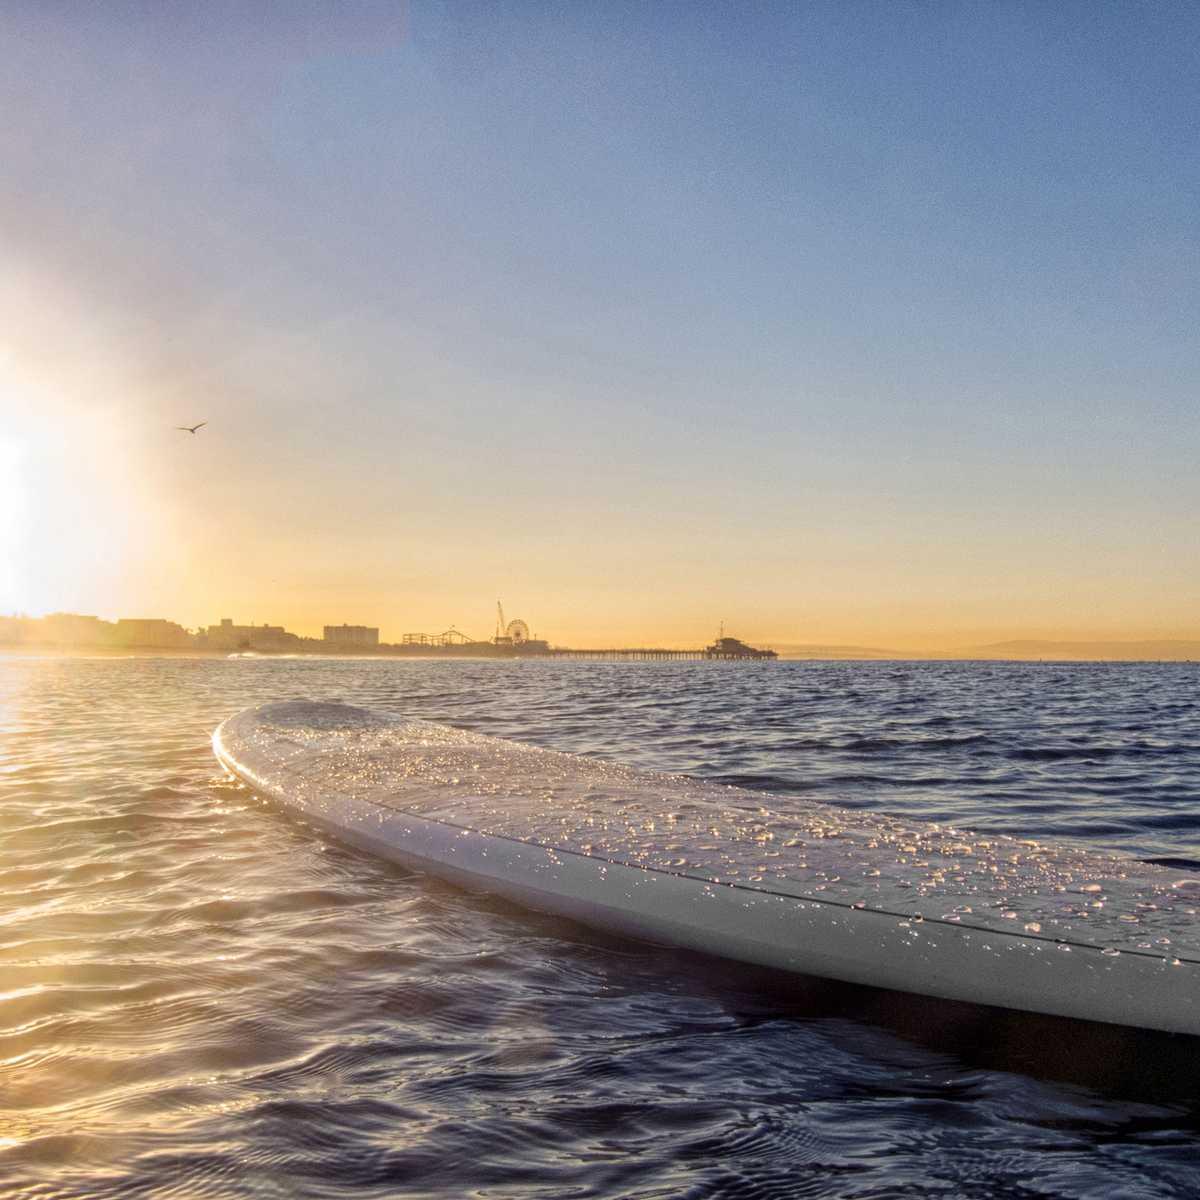 Surfbrett im Wasser mit der Santa Monica Pier und dem Pacific Park im Hintergrund, Kalifornien